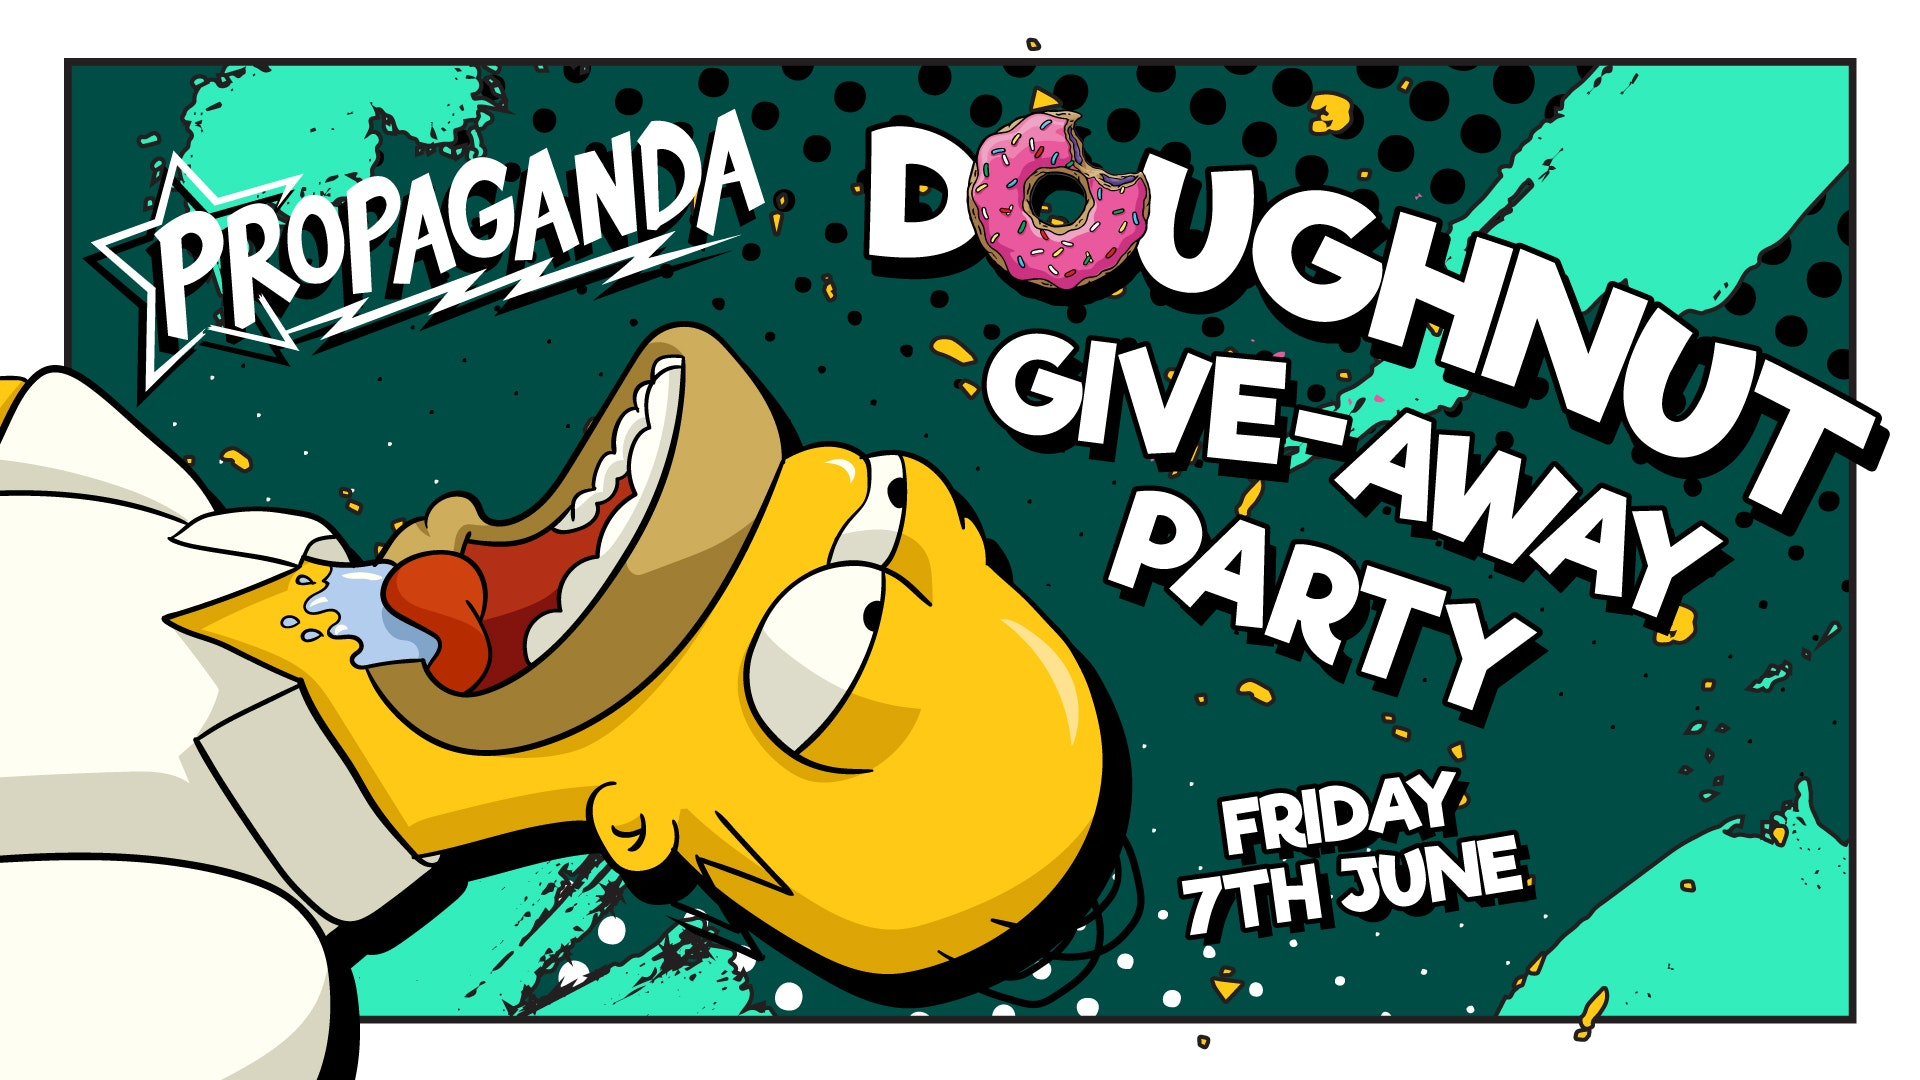 Propaganda Cambridge – Doughnut Party